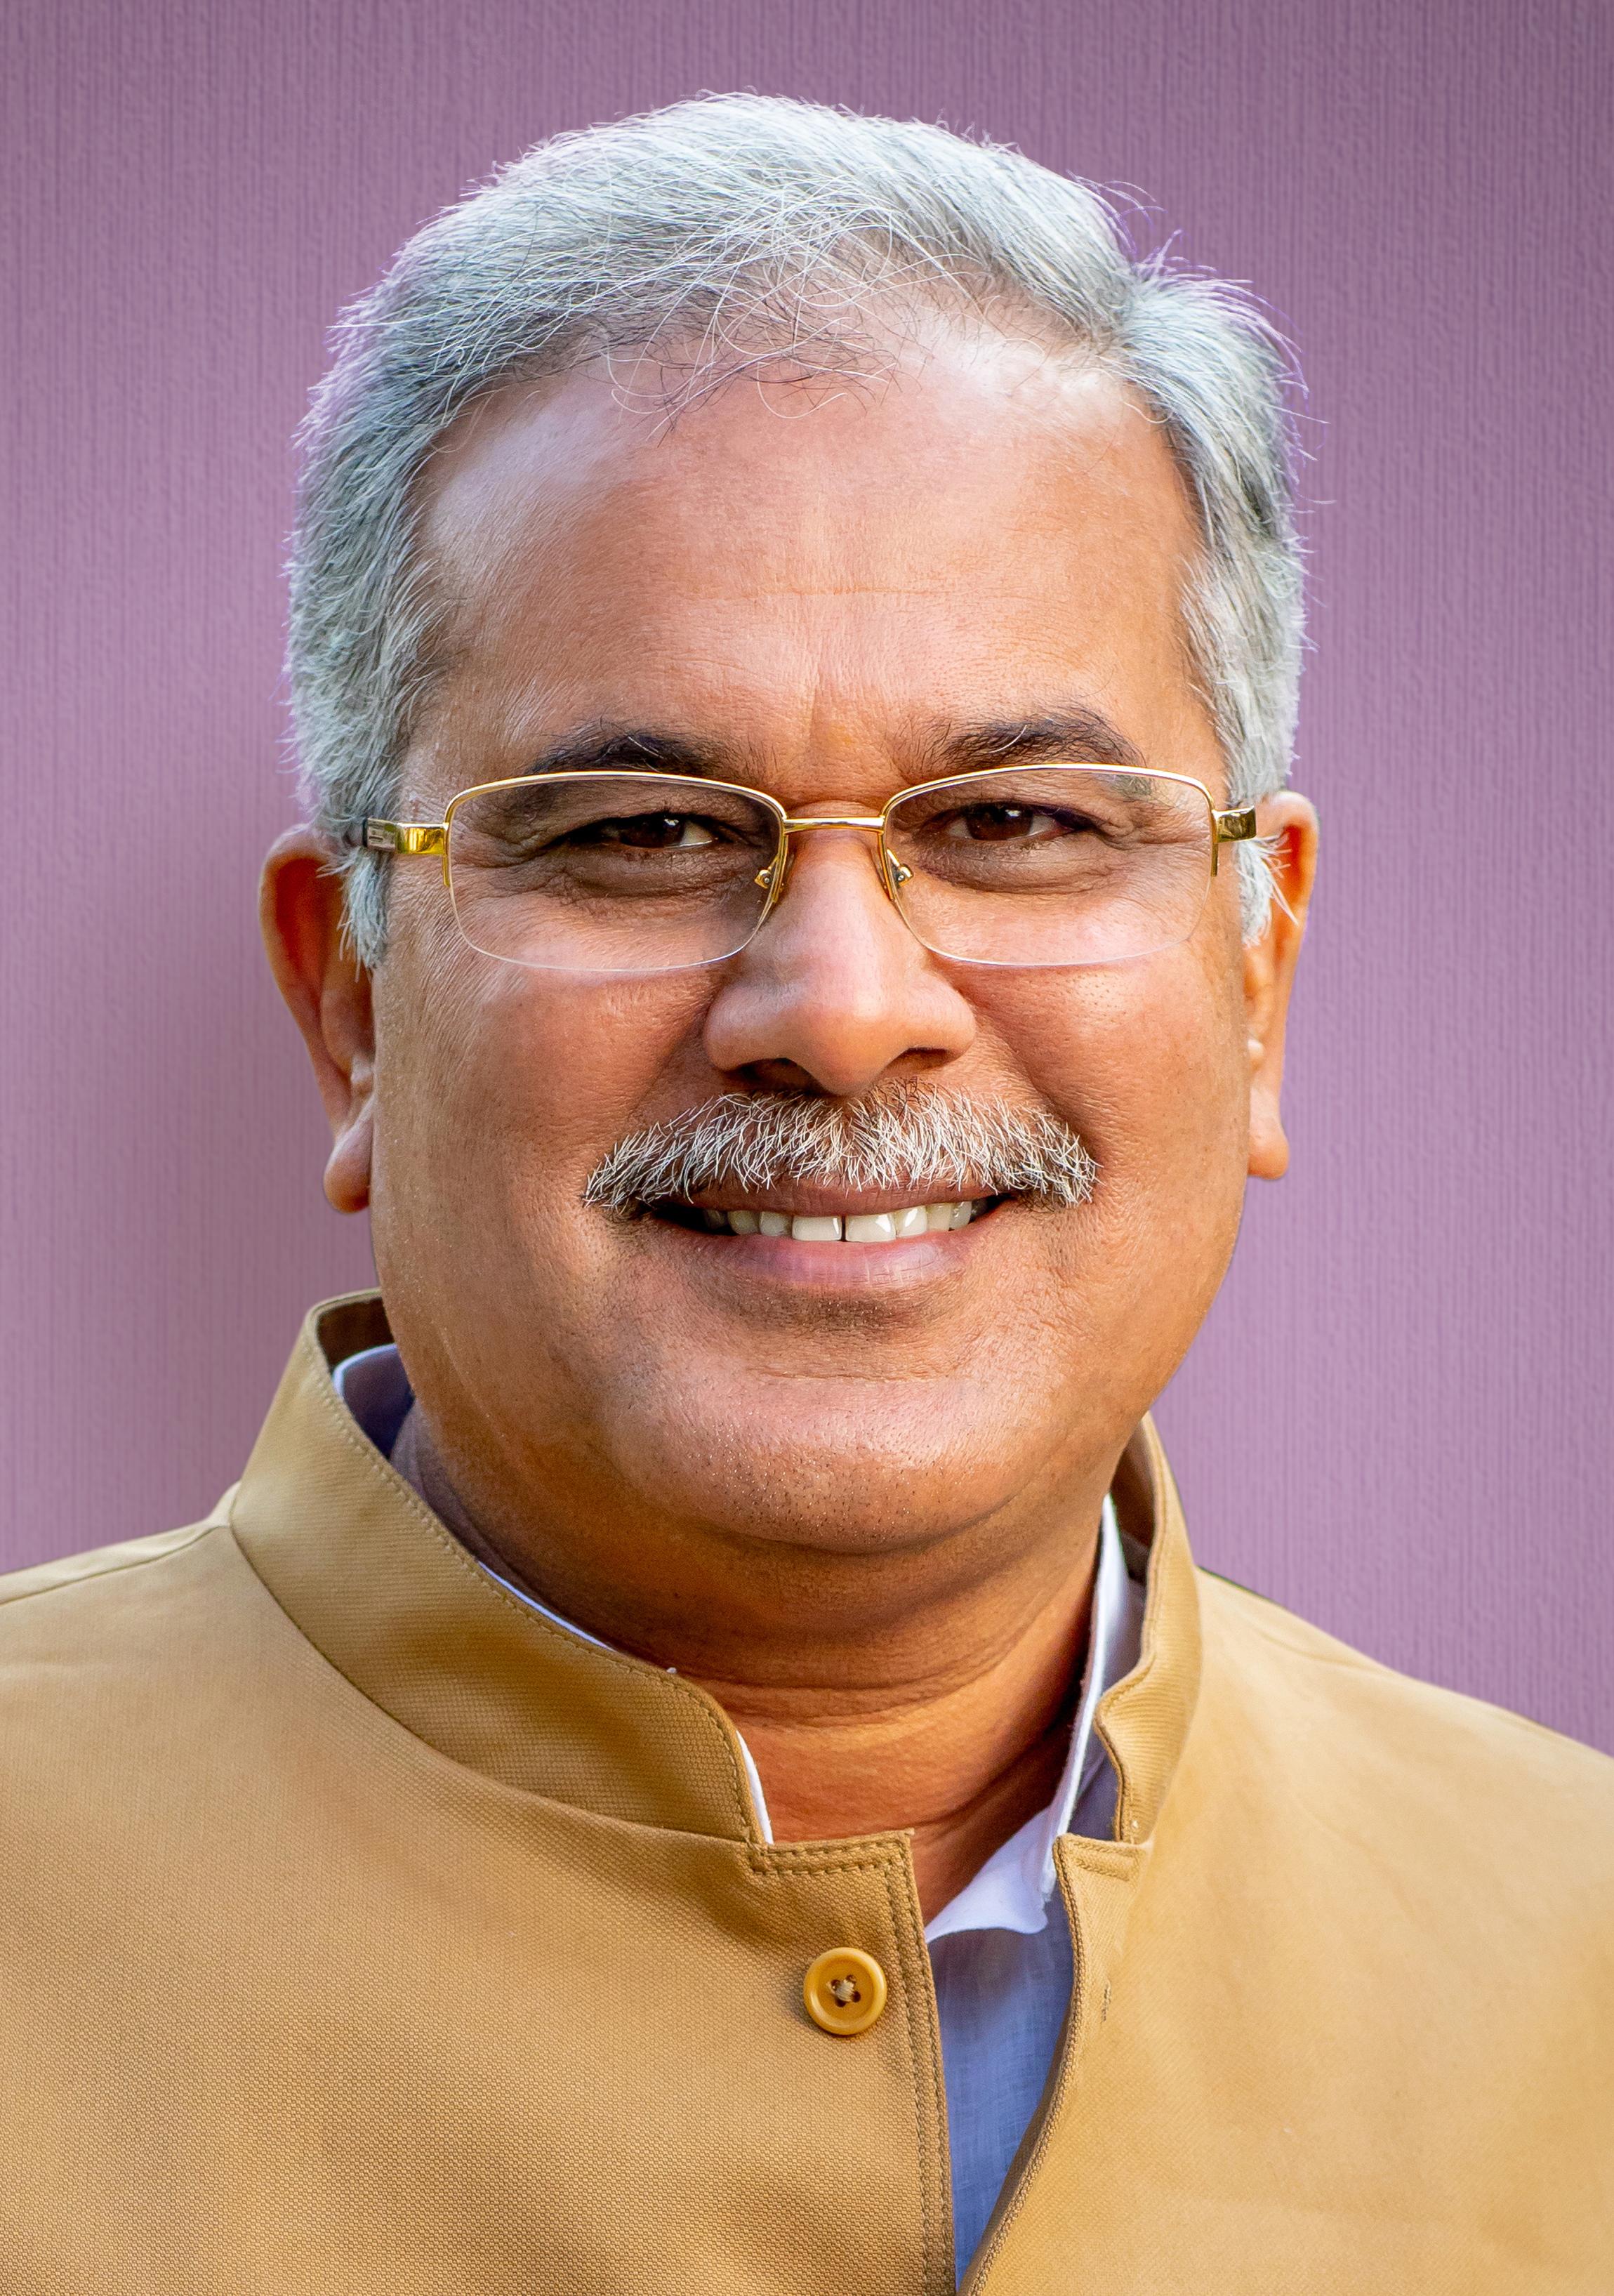 रायपुर : मुख्यमंत्री बघेल ने प्रदेशवासियों को दी नवरात्रि की शुभकामनाएं